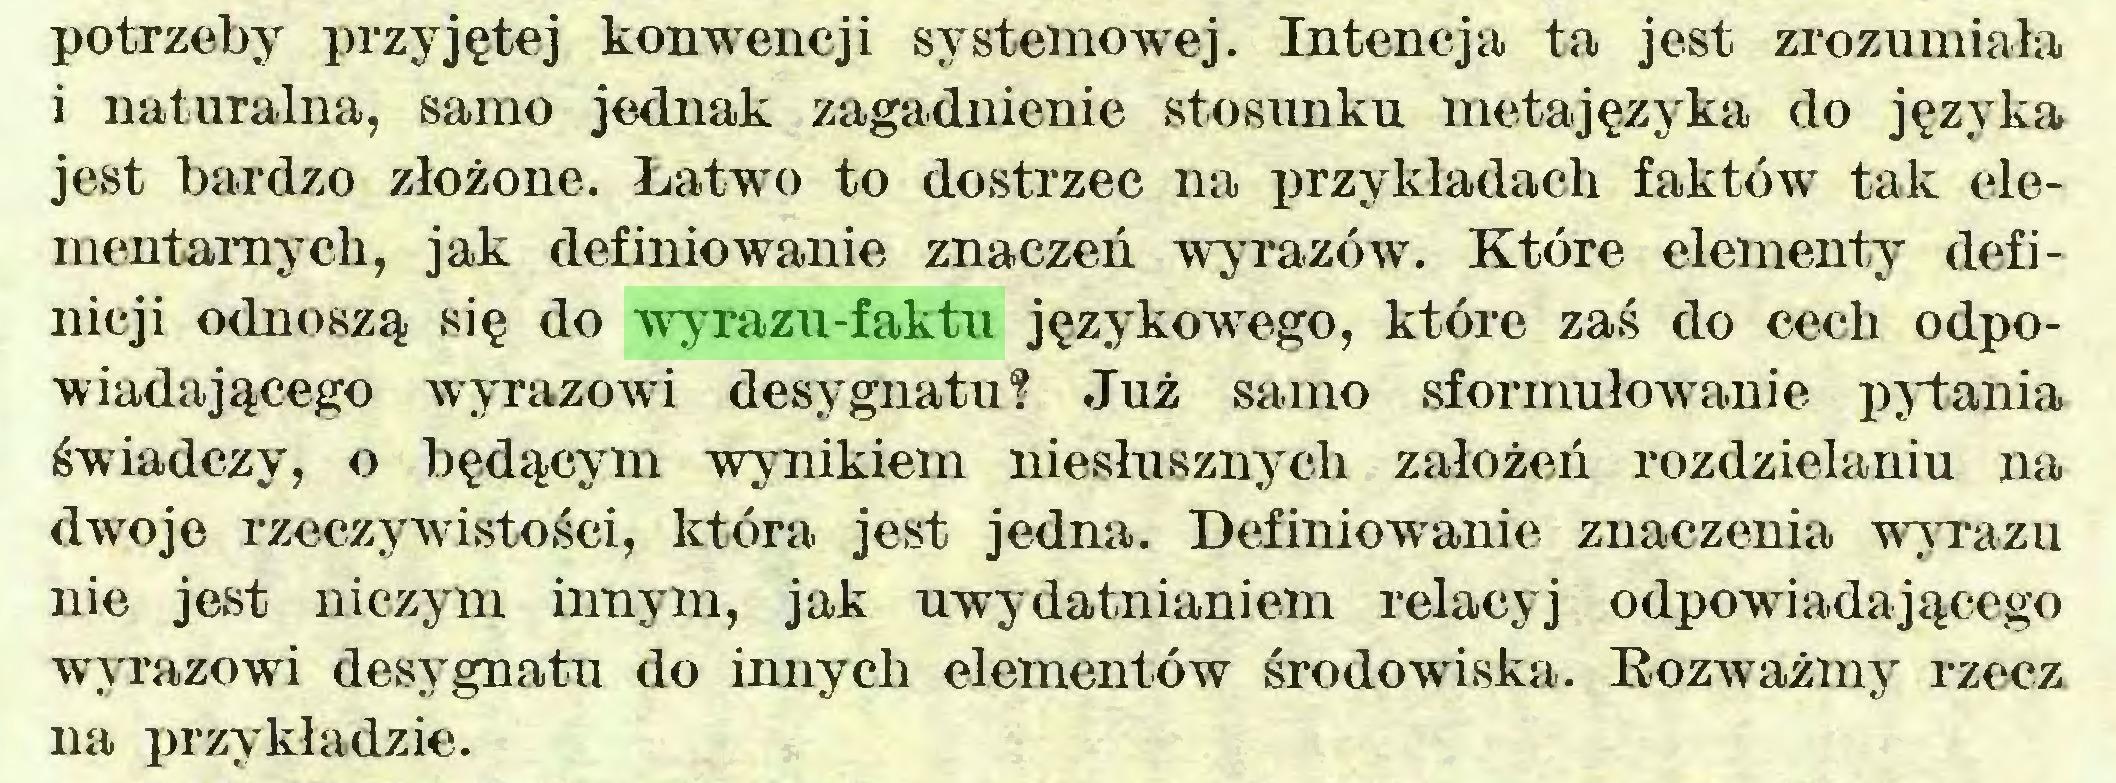 (...) potrzeby przyjętej konwencji systemowej. Intencja ta jest zrozumiała i naturalna, samo jednak zagadnienie stosunku metajęzyka do języka jest bardzo złożone. Łatwo to dostrzec na przykładach faktów tak elementarnych, jak definiowanie znaczeń wyrazów. Które elementy definicji odnoszą się do wyrazu-faktu językowego, które zaś do cech odpowiadającego wyrazowi desygnatu? Już samo sformułowanie pytania świadczy, o będącym wynikiem niesłusznych założeń rozdzielaniu na dwoje rzeczywistości, która jest jedna. Definiowanie znaczenia wyrazu nie jest niczym innym, jak uwydatnianiem relacyj odpowiadającego wyrazowi desygnatu do innych elementów środowiska. Rozważmy rzecz na przykładzie...